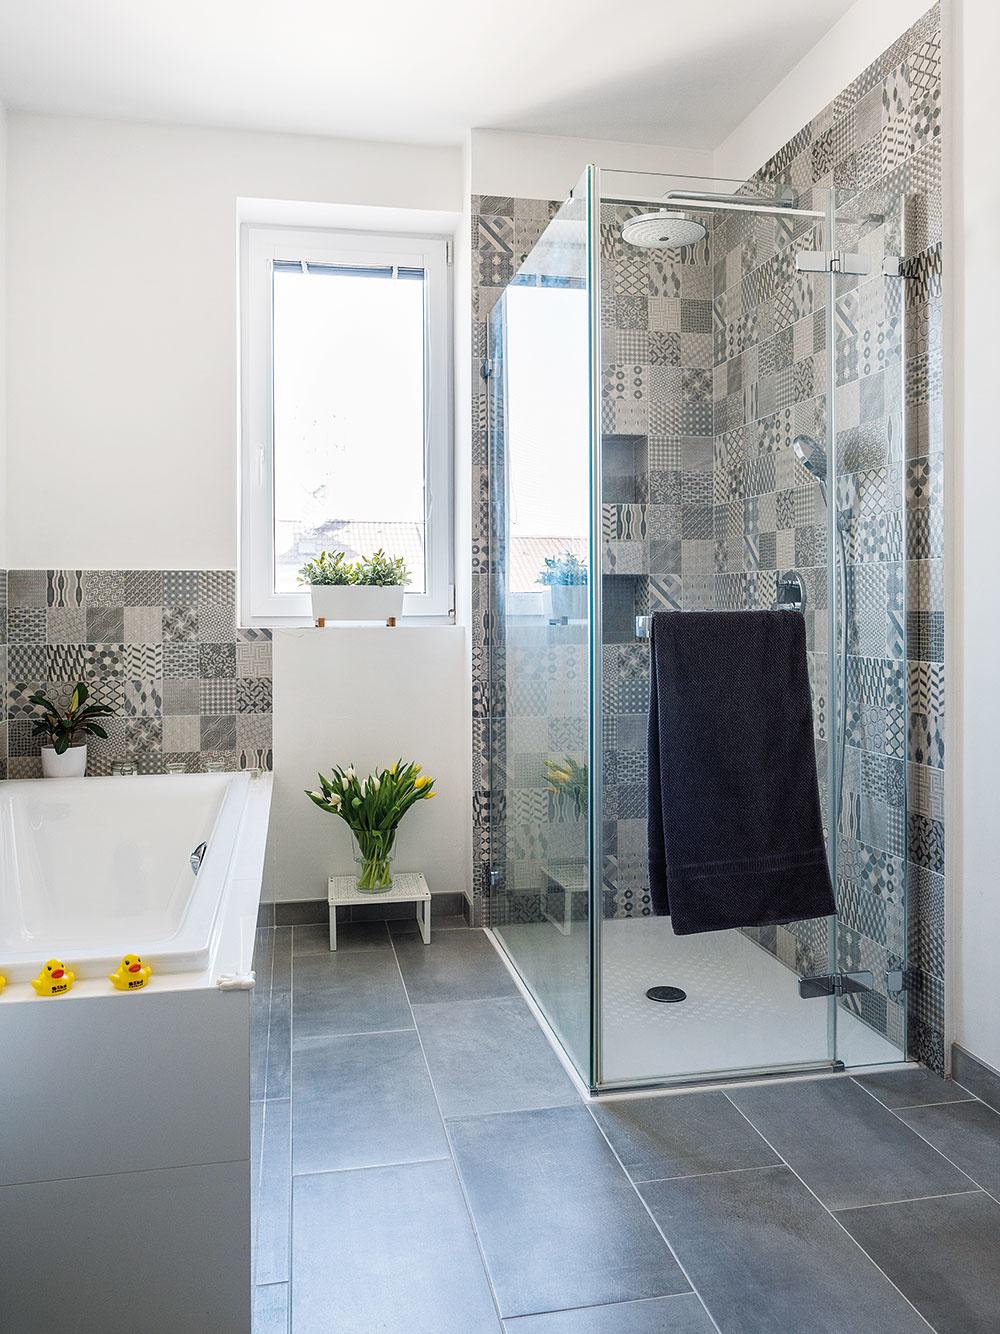 Šikovné riešenie. Kúpeľňa soknom patrila kprednostiam pôvodného bytu. Zmestila sa sem vaňa aj sprchovací kút svaničkou vúrovni podlahy. Vetracie potrubie skryli za predsadenú stenu snikami, ktoré majú vsprchovacom kúte praktické využitie.